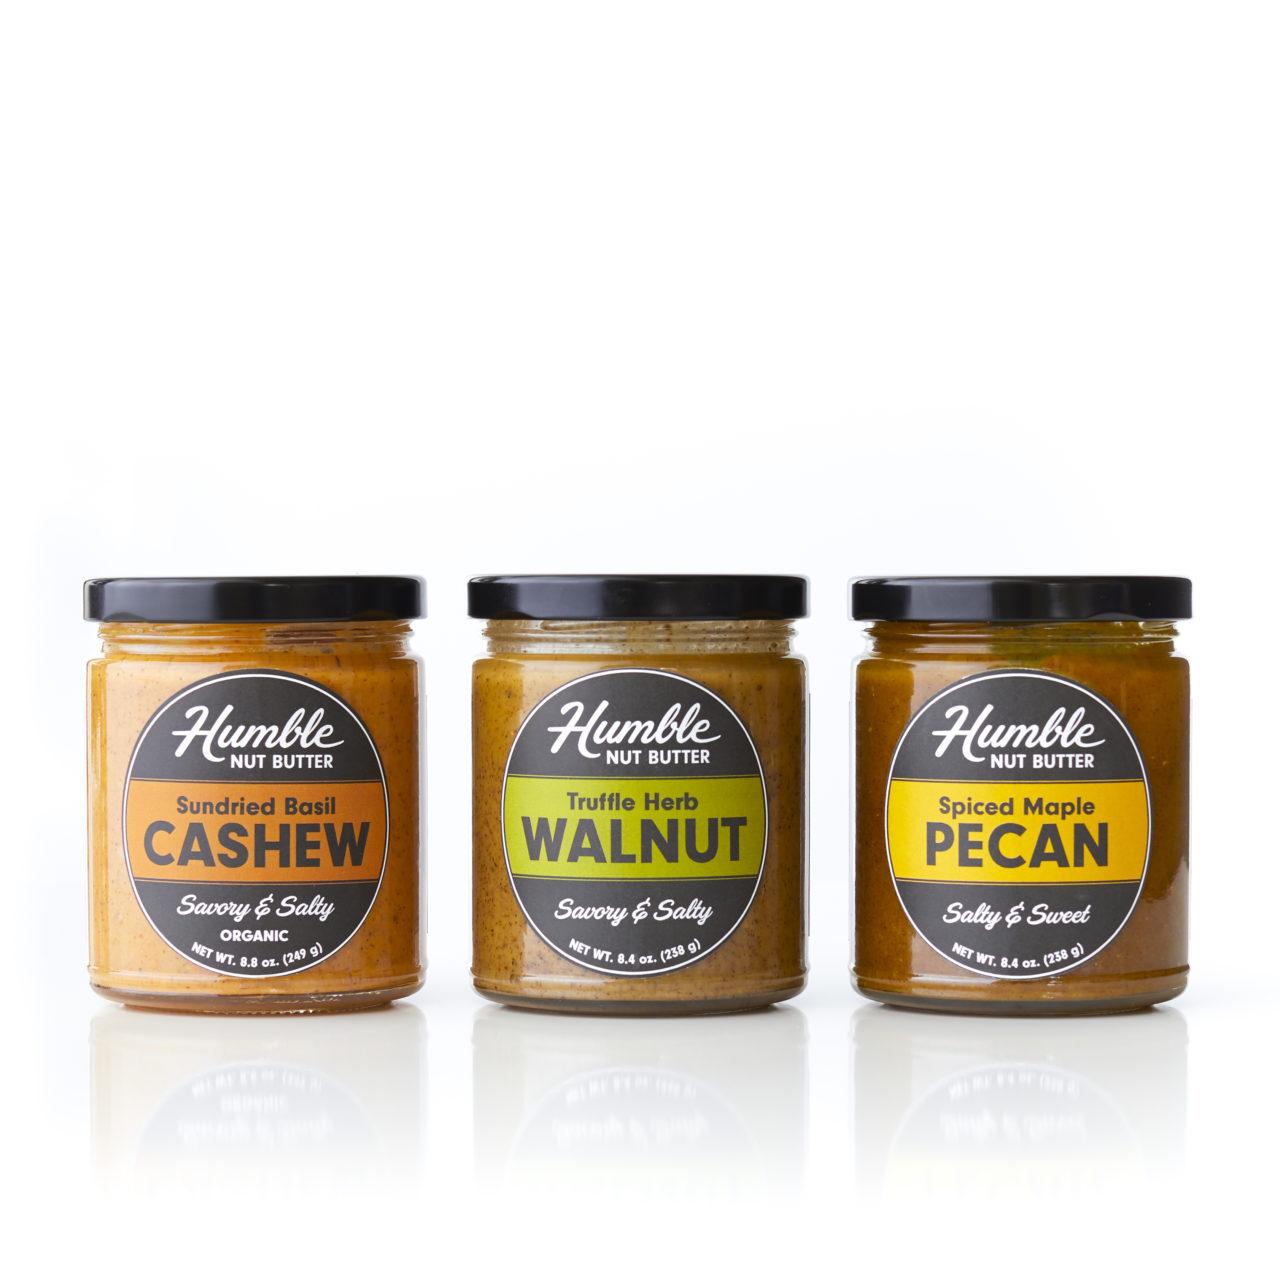 Meet a Maker: John and Jess Waller, Humble Nut Butter